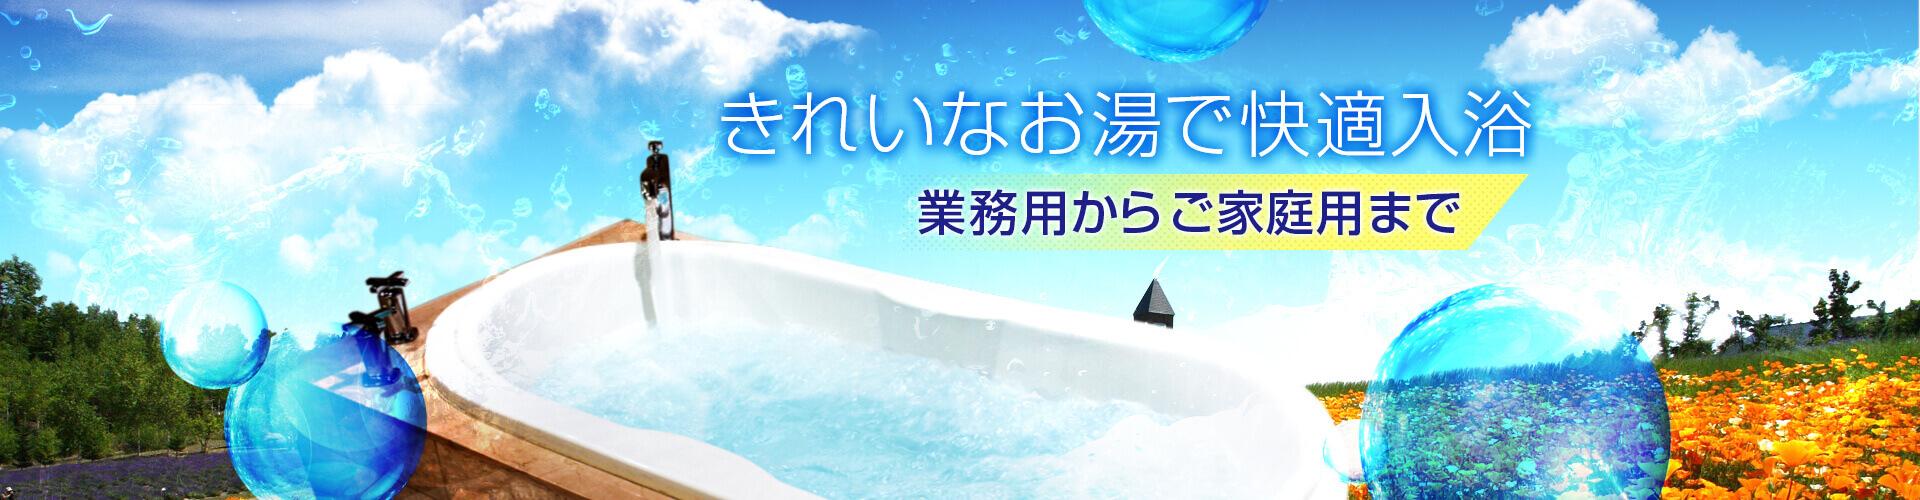 洗浄.com株式会社の風呂釜ボイラー洗浄